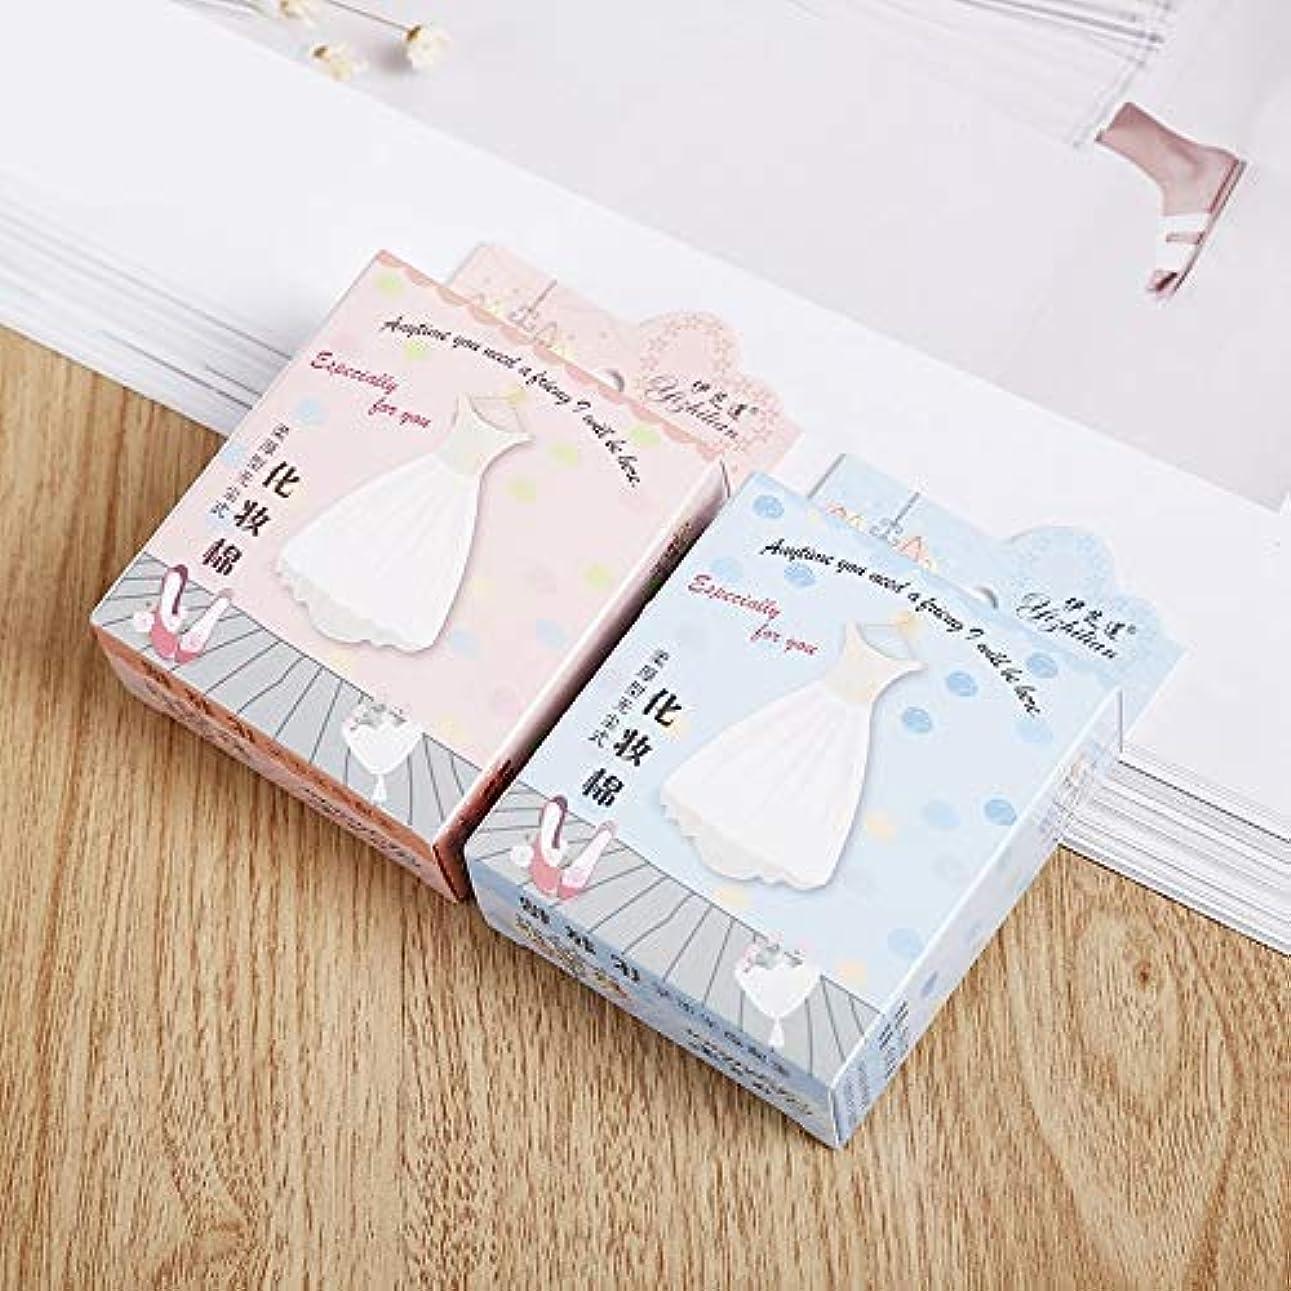 アジテーション事務所義務付けられたFHHVN 25箱販売の使い捨ての柔らかい薄い化粧フェイシャルコットンパフパッド、滑らかで柔らかいクッション保湿パウダー